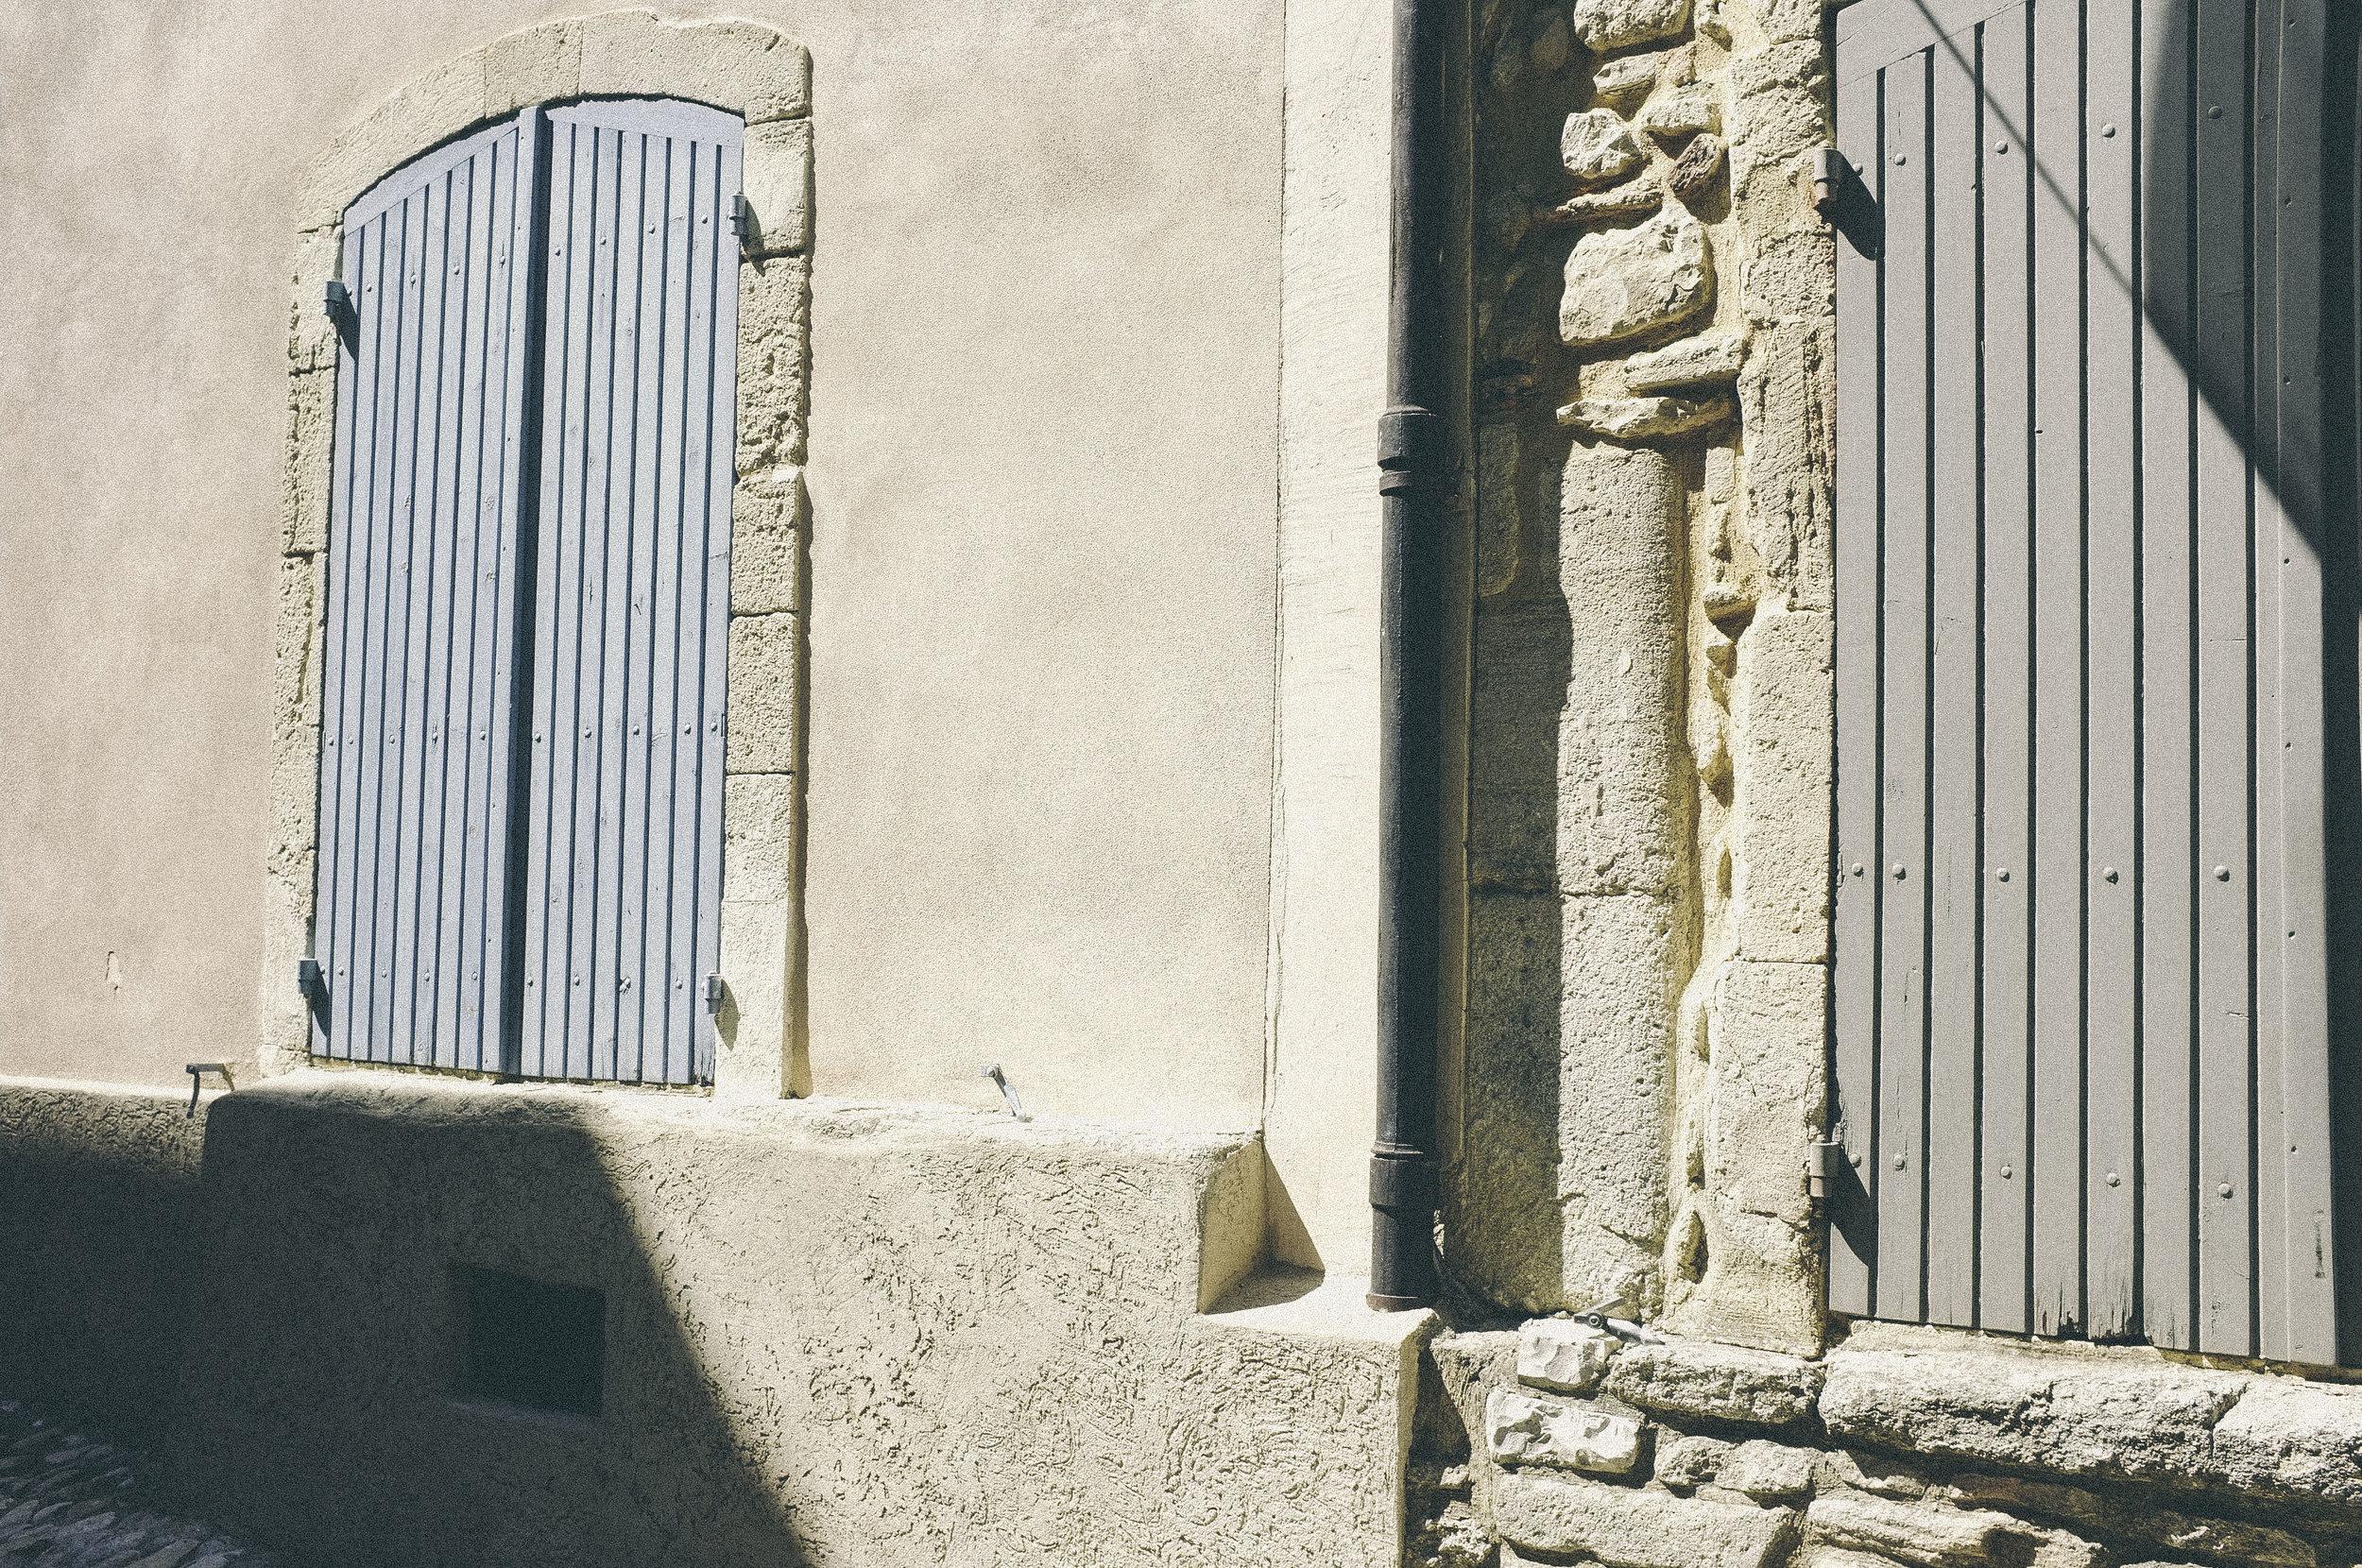 dérrive travel - vaison-la-romaine, provence www.derrive.com